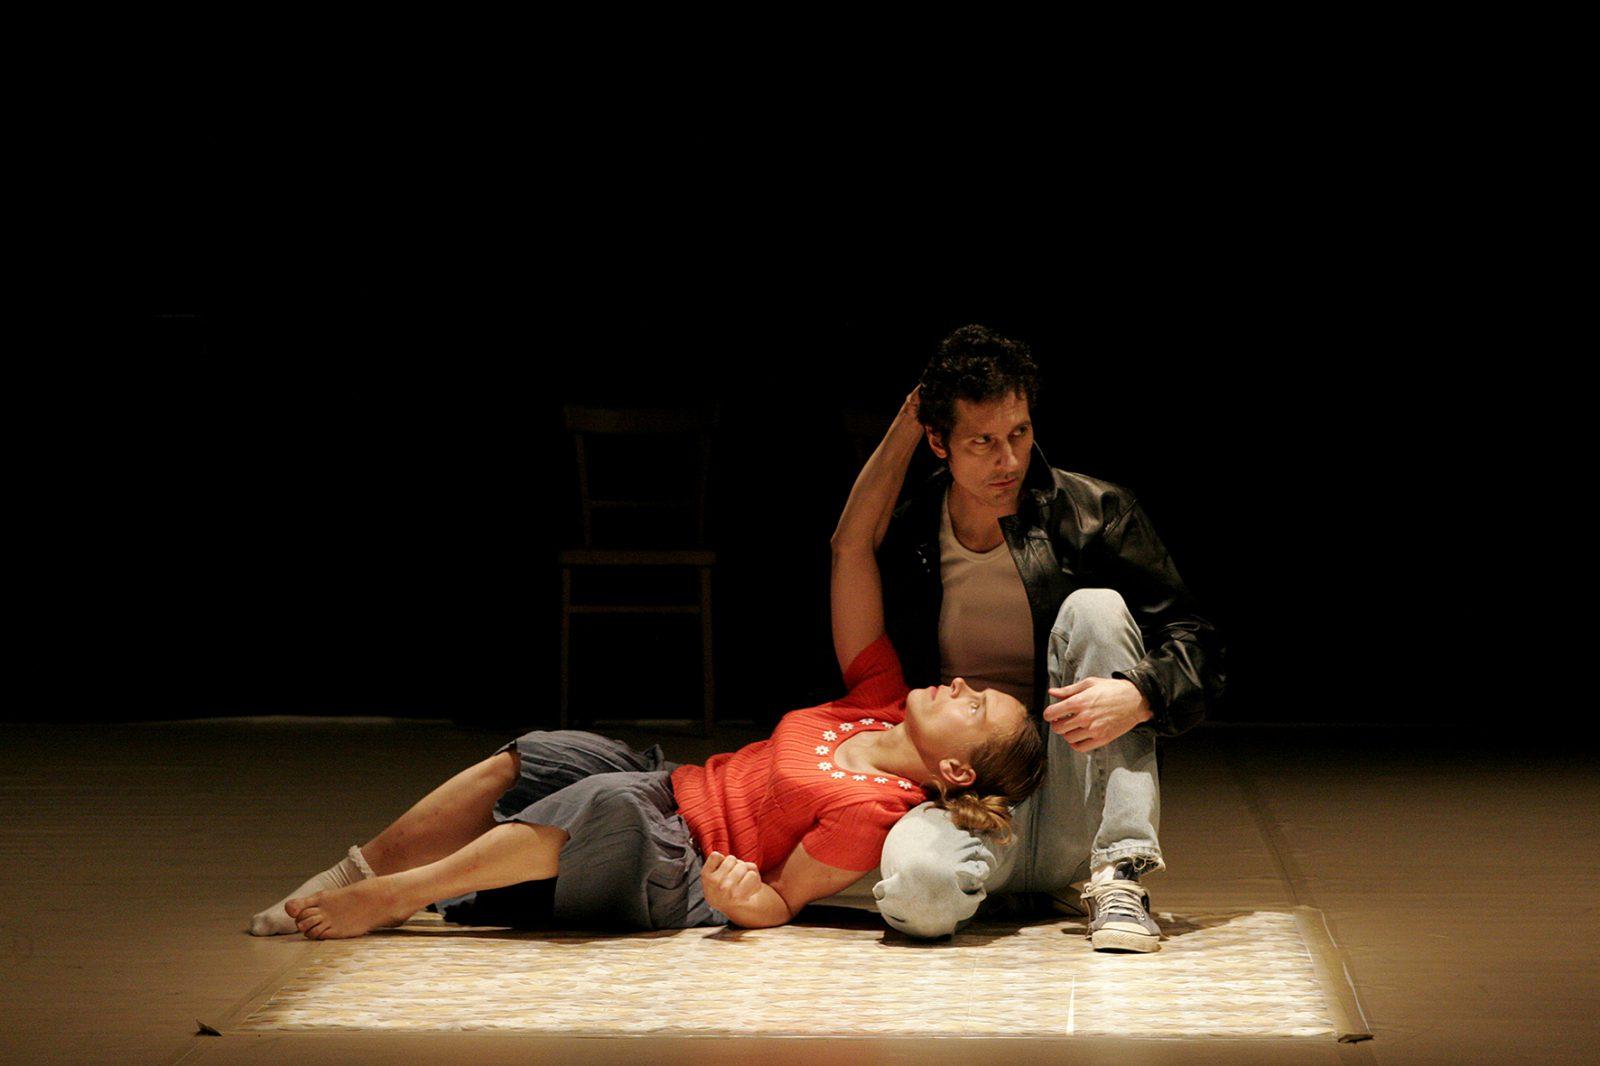 eine Tänzerin liegt mit dem Kopf auf dem Oberschenkel eines Tänzers